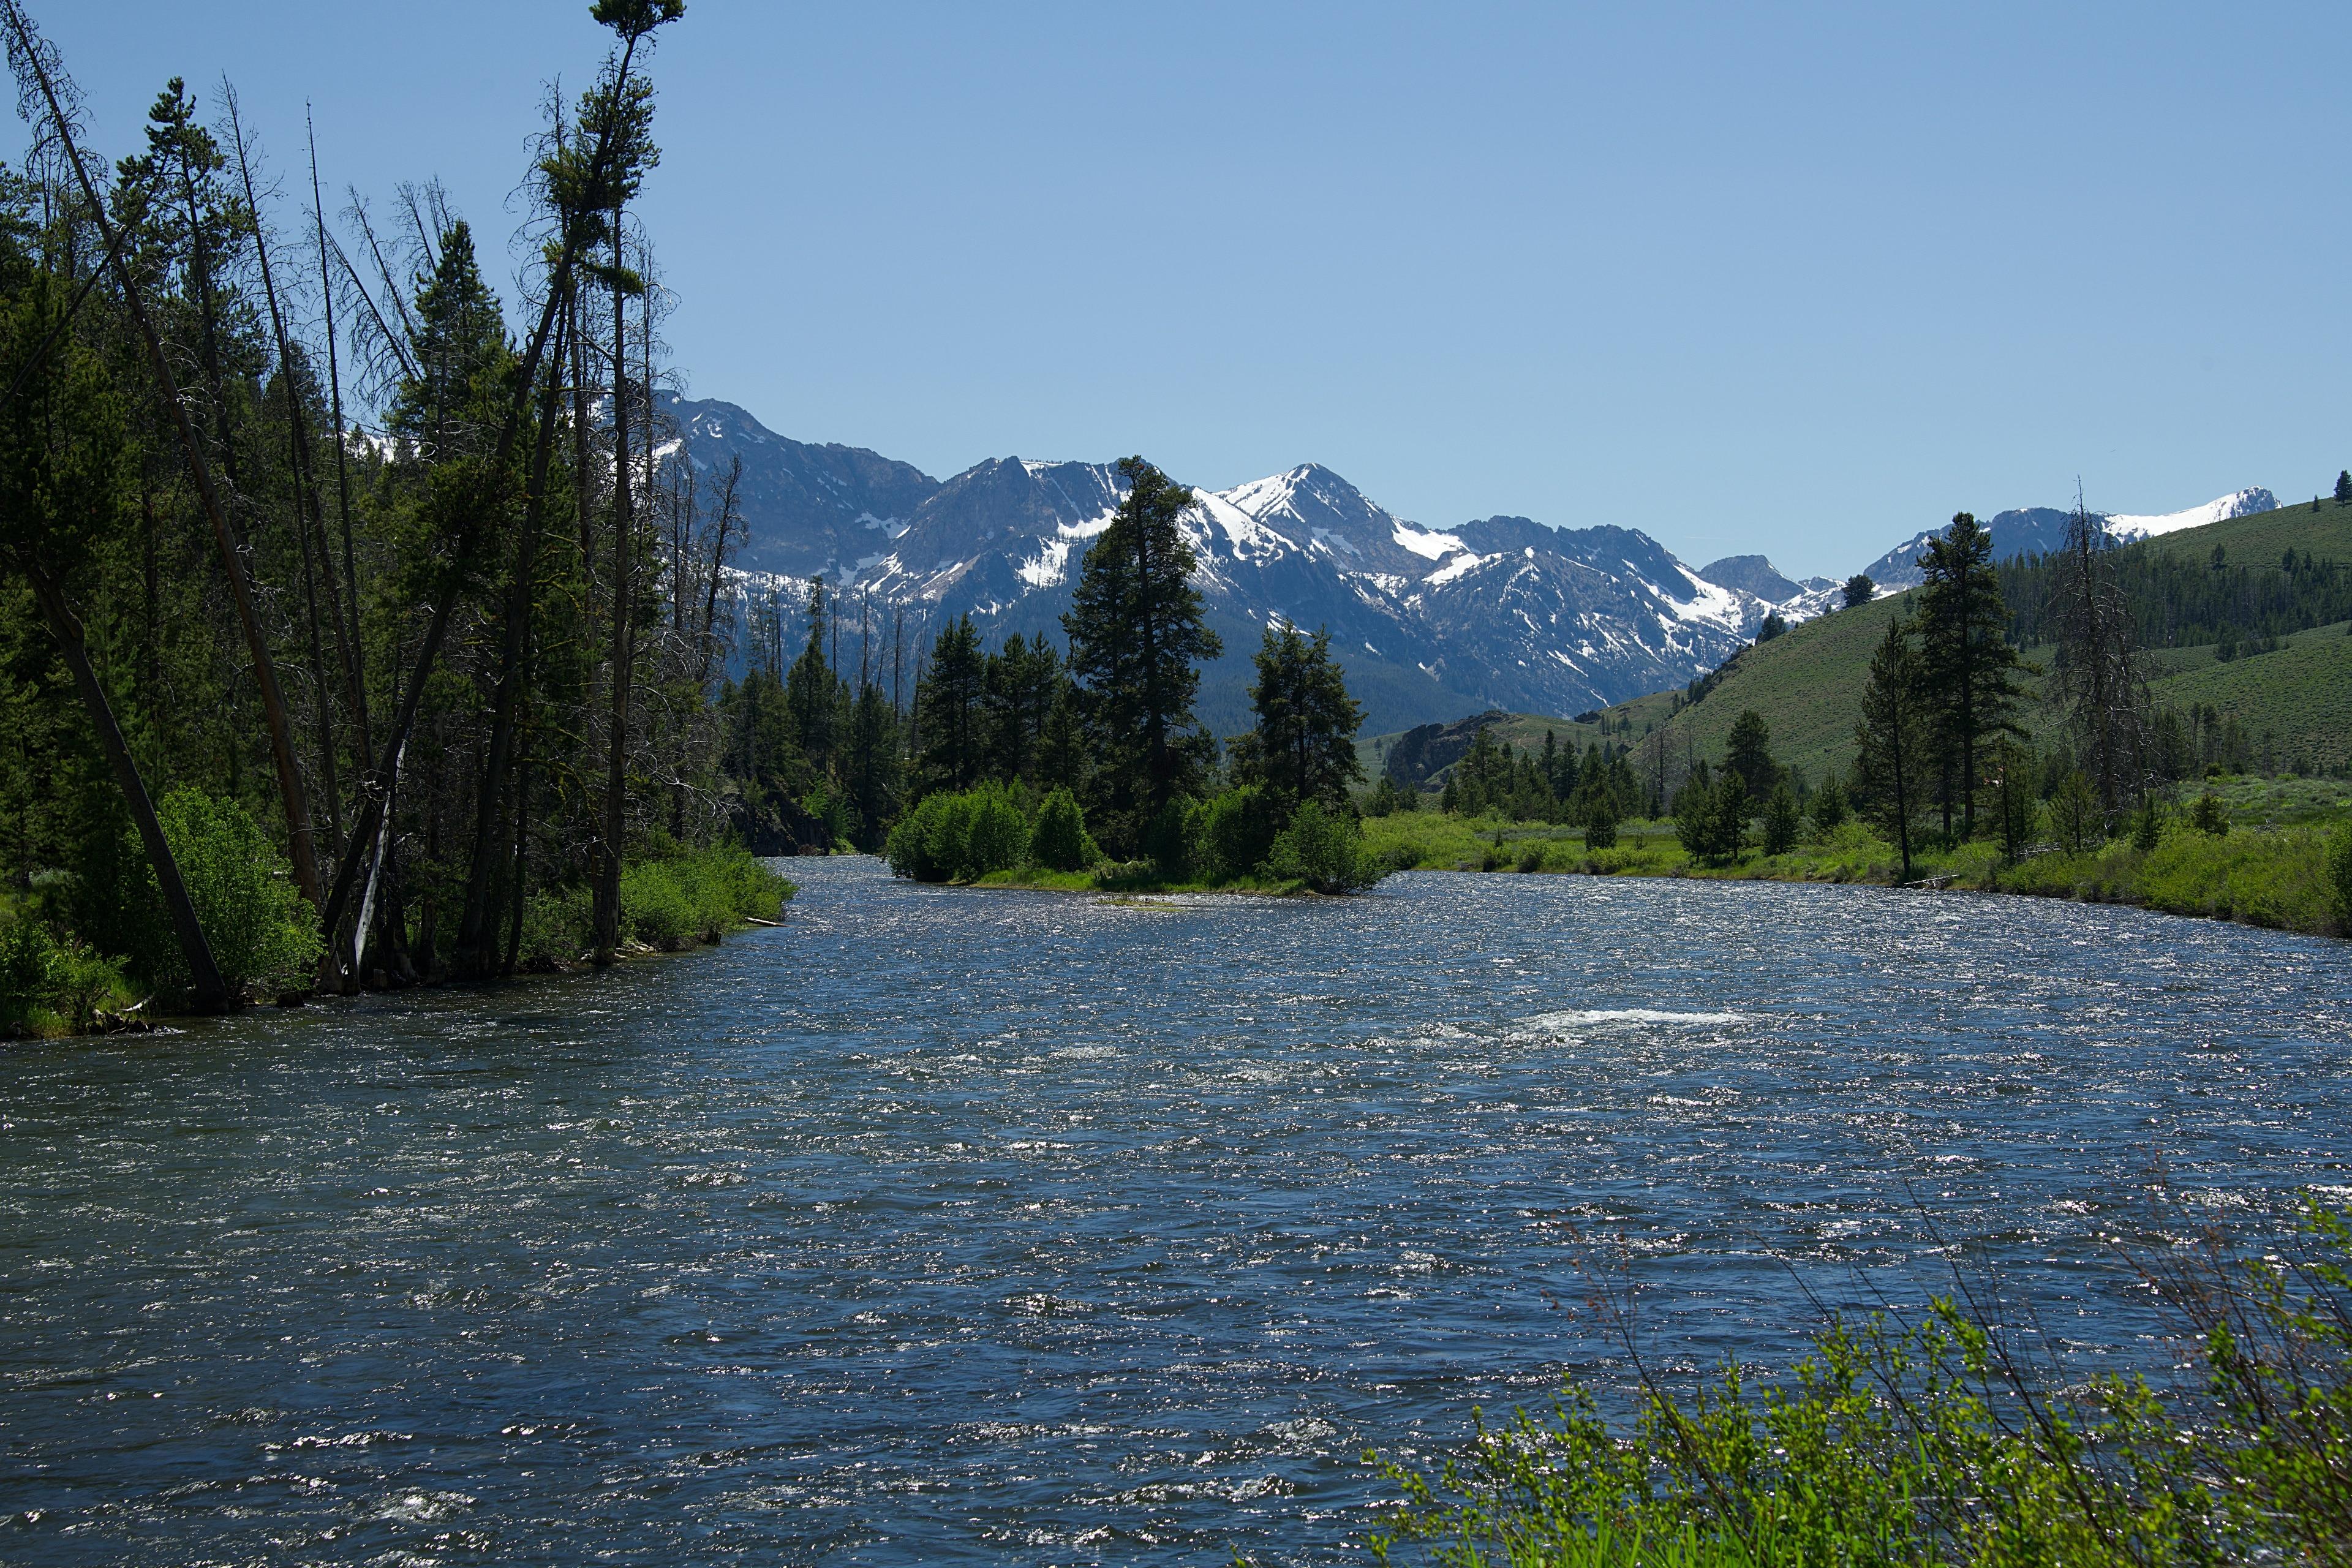 Lemhi County, Idaho, United States of America